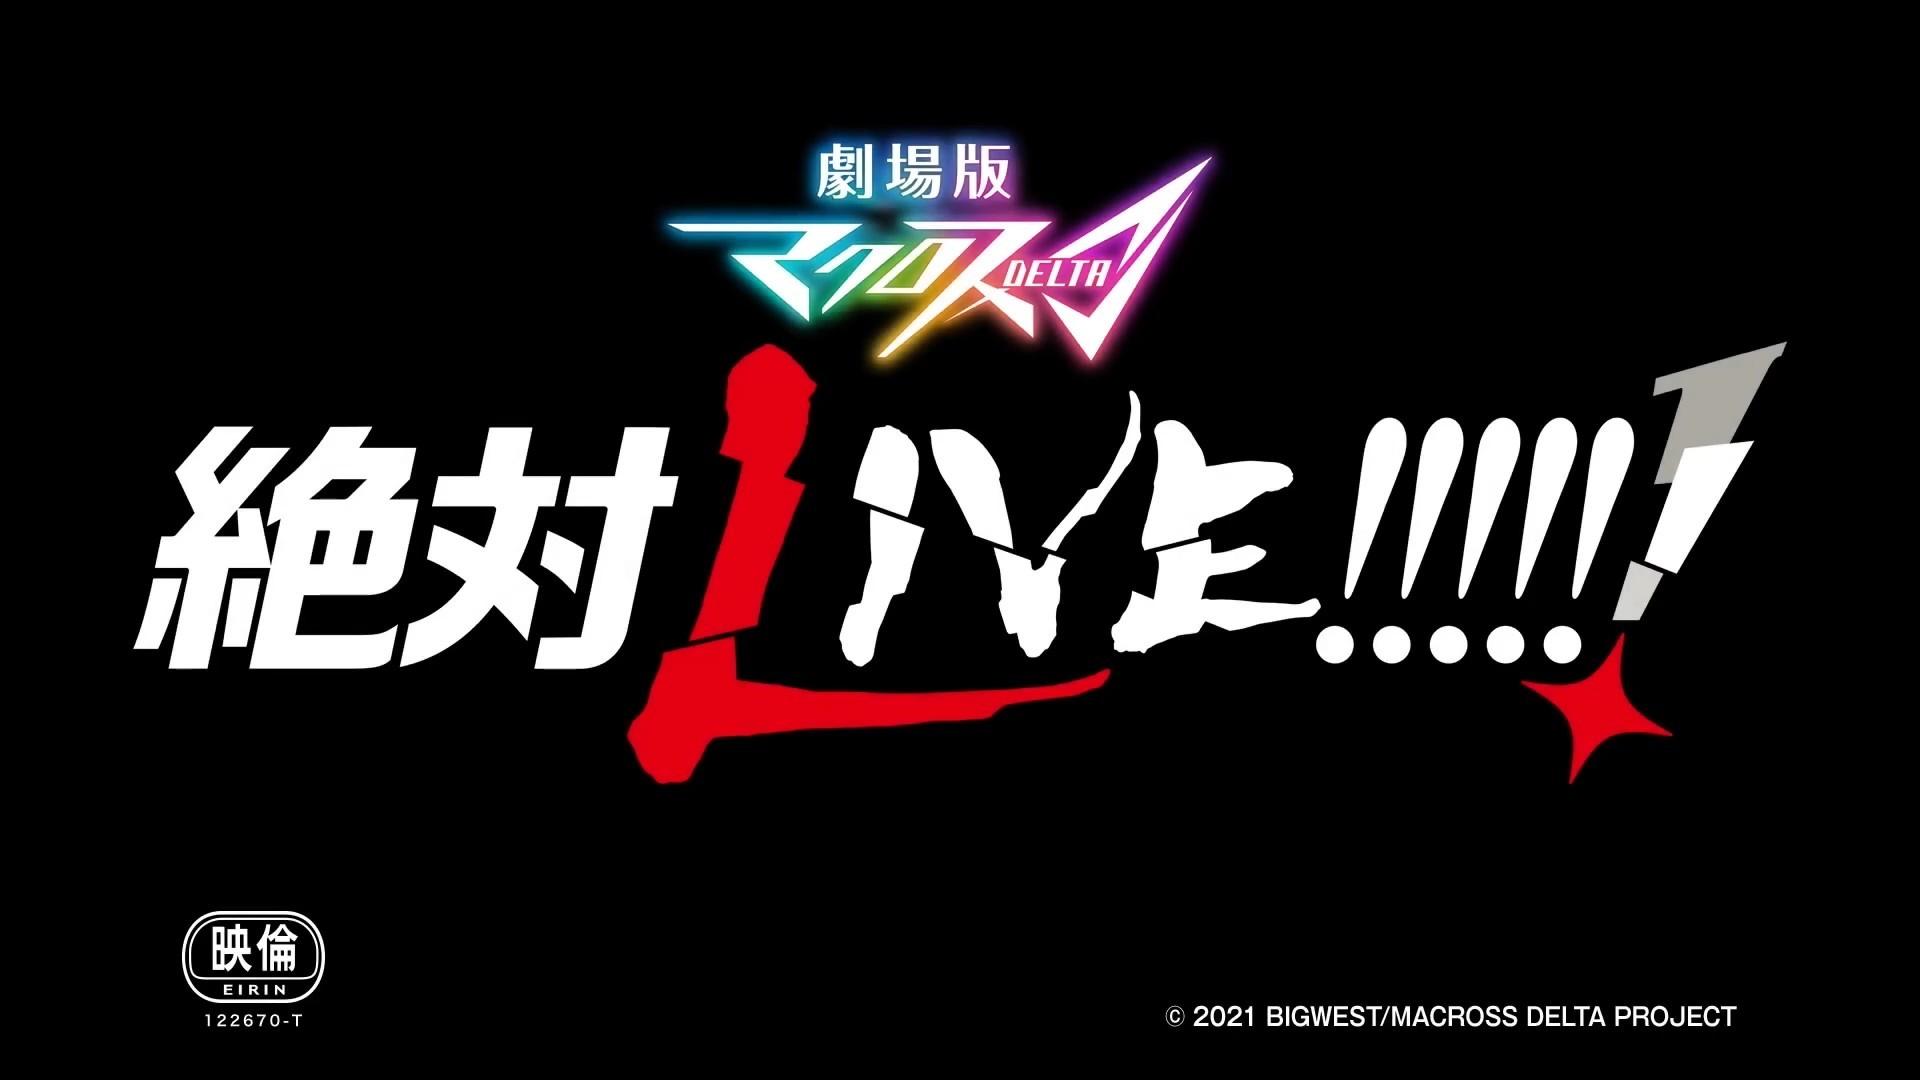 还是那个节奏!完全新作剧场版《超时空要塞Δ绝对LIVE!!!!!!》PV公开,2021年上映- ACG17.COM